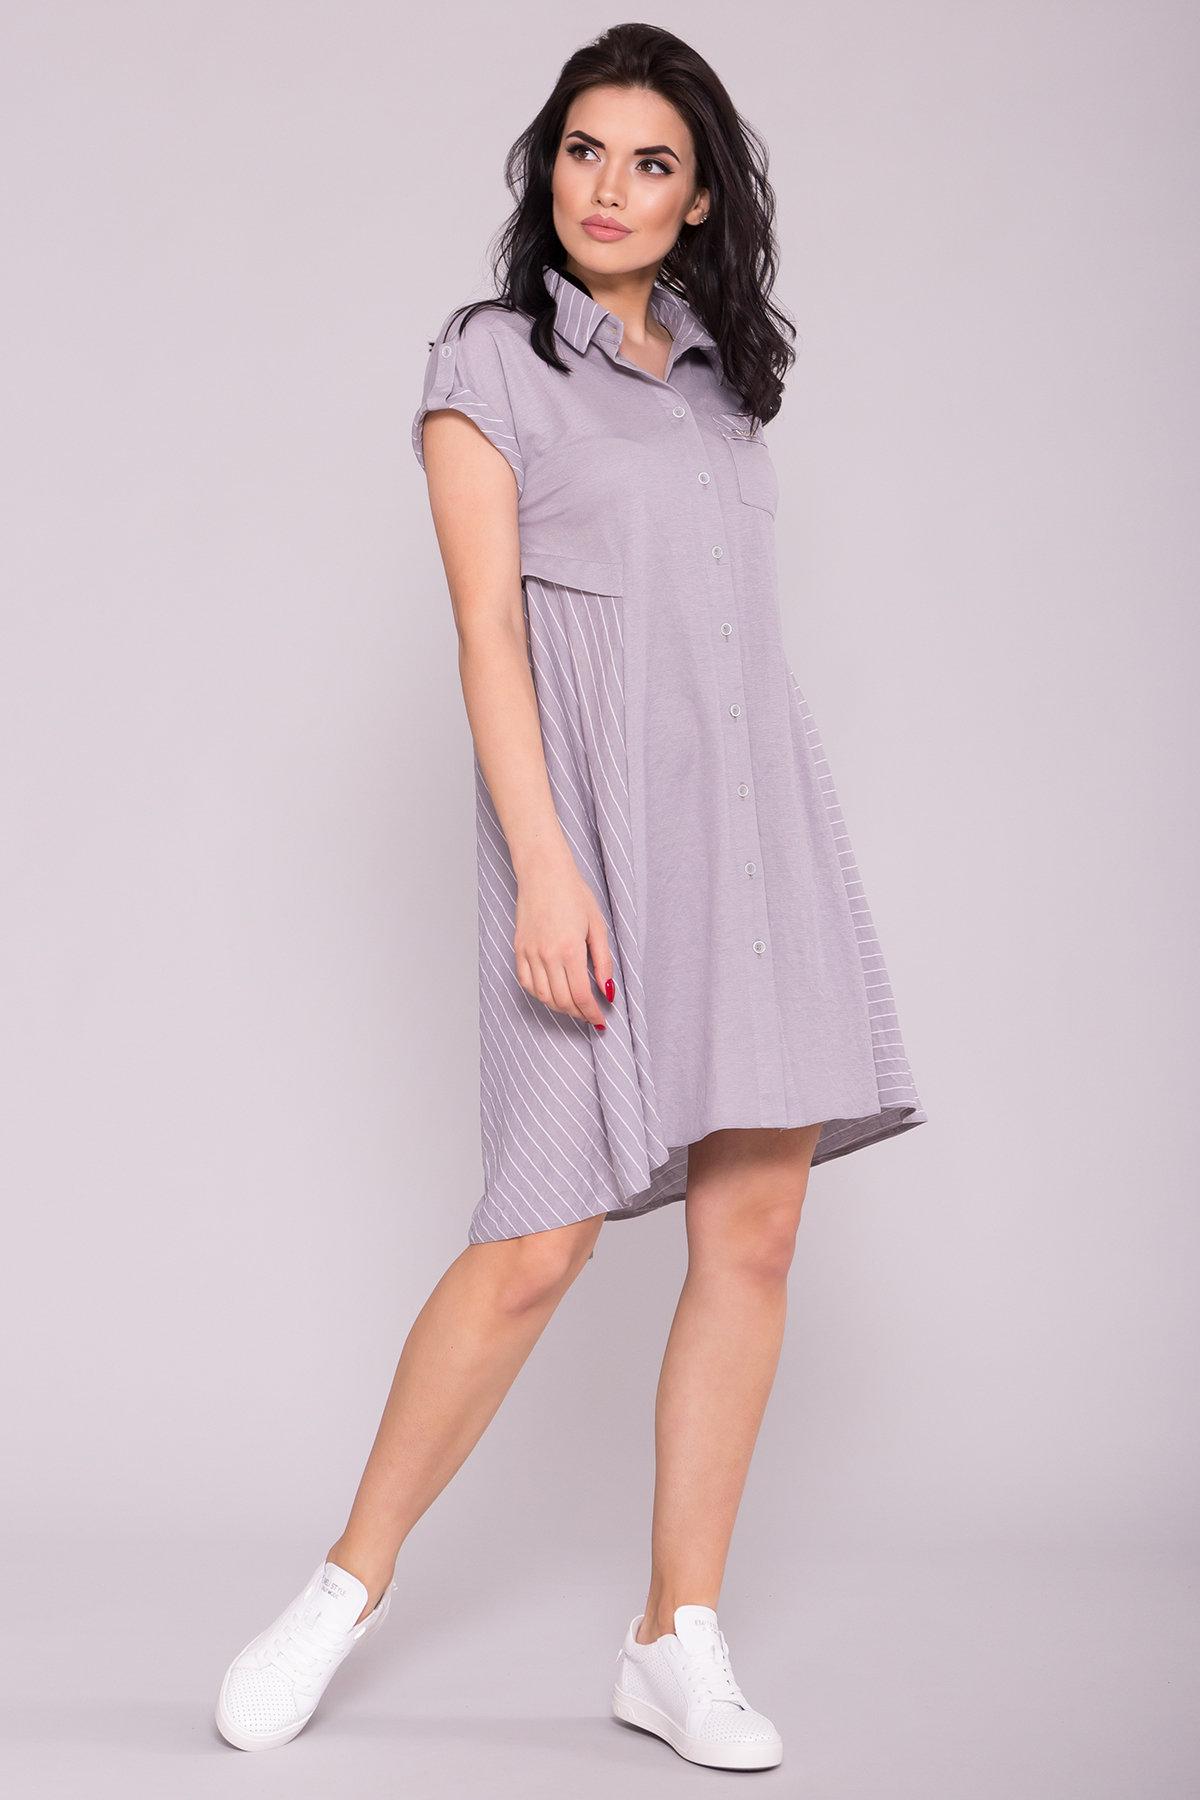 Платье Грея 7142 Цвет: Серый/полоска молоко